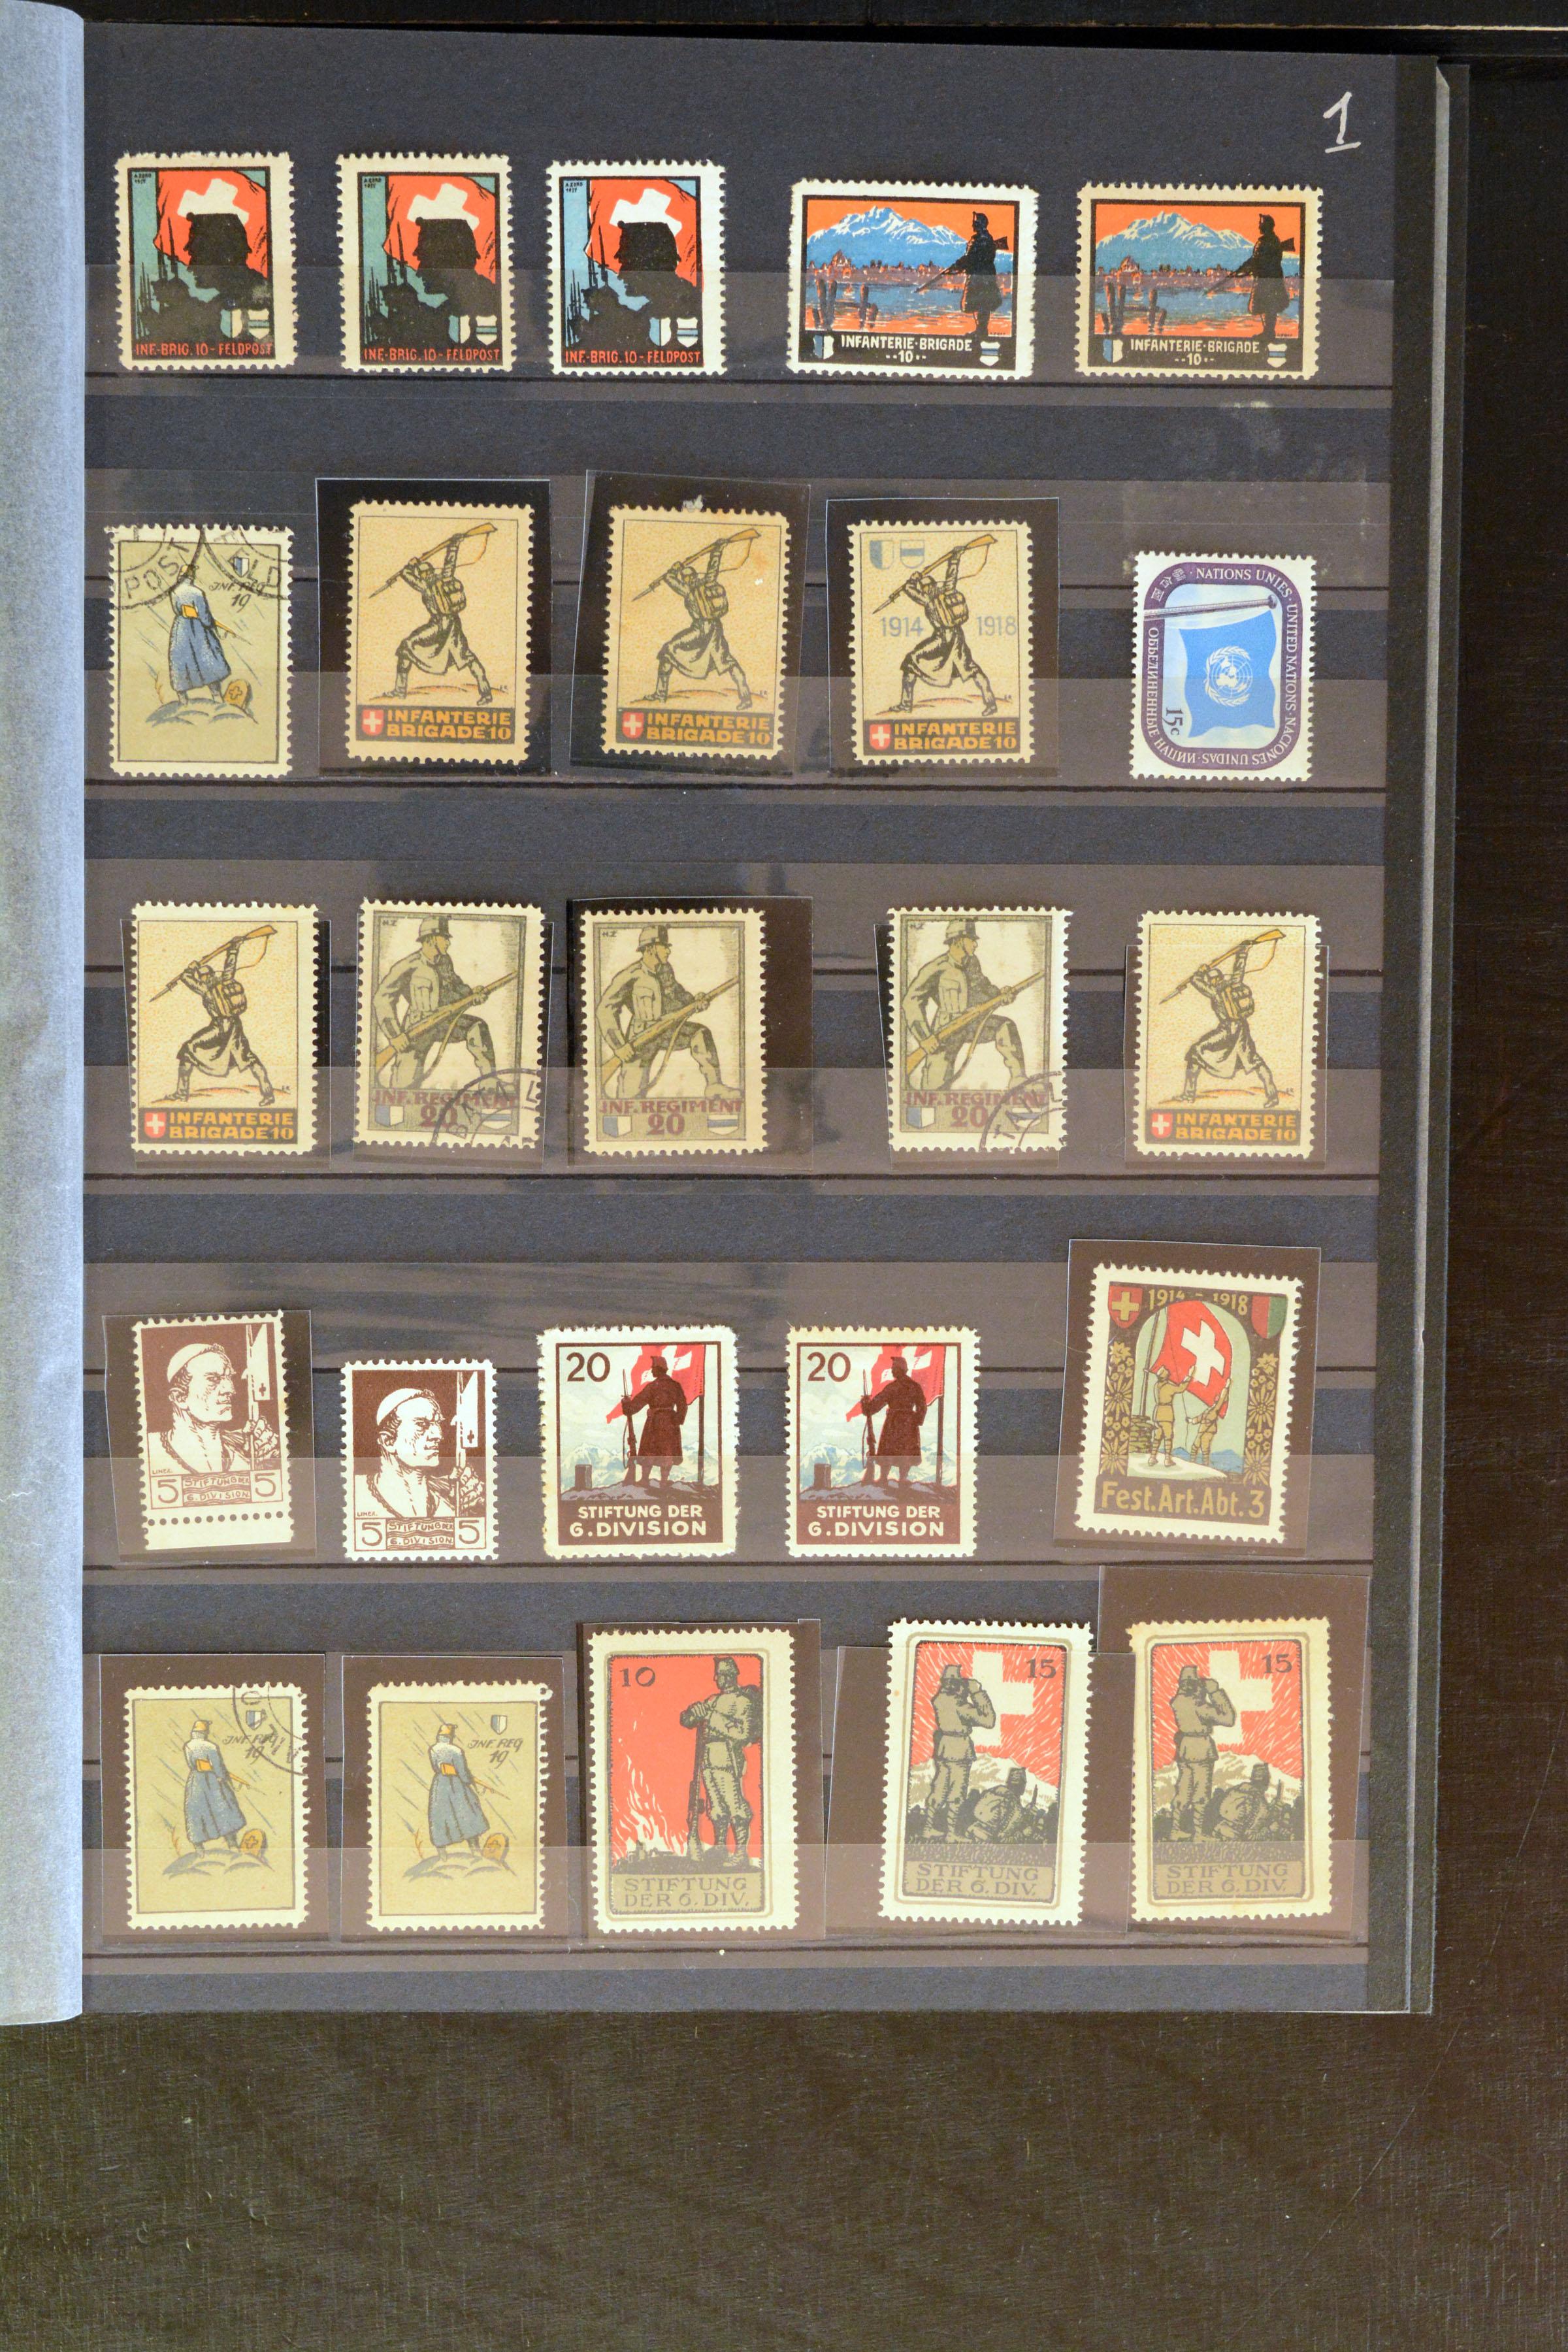 Lot 4367 - Switzerland Swiss - soldier stamps -  Heinrich Koehler Auktionen Auction #368- Day 3